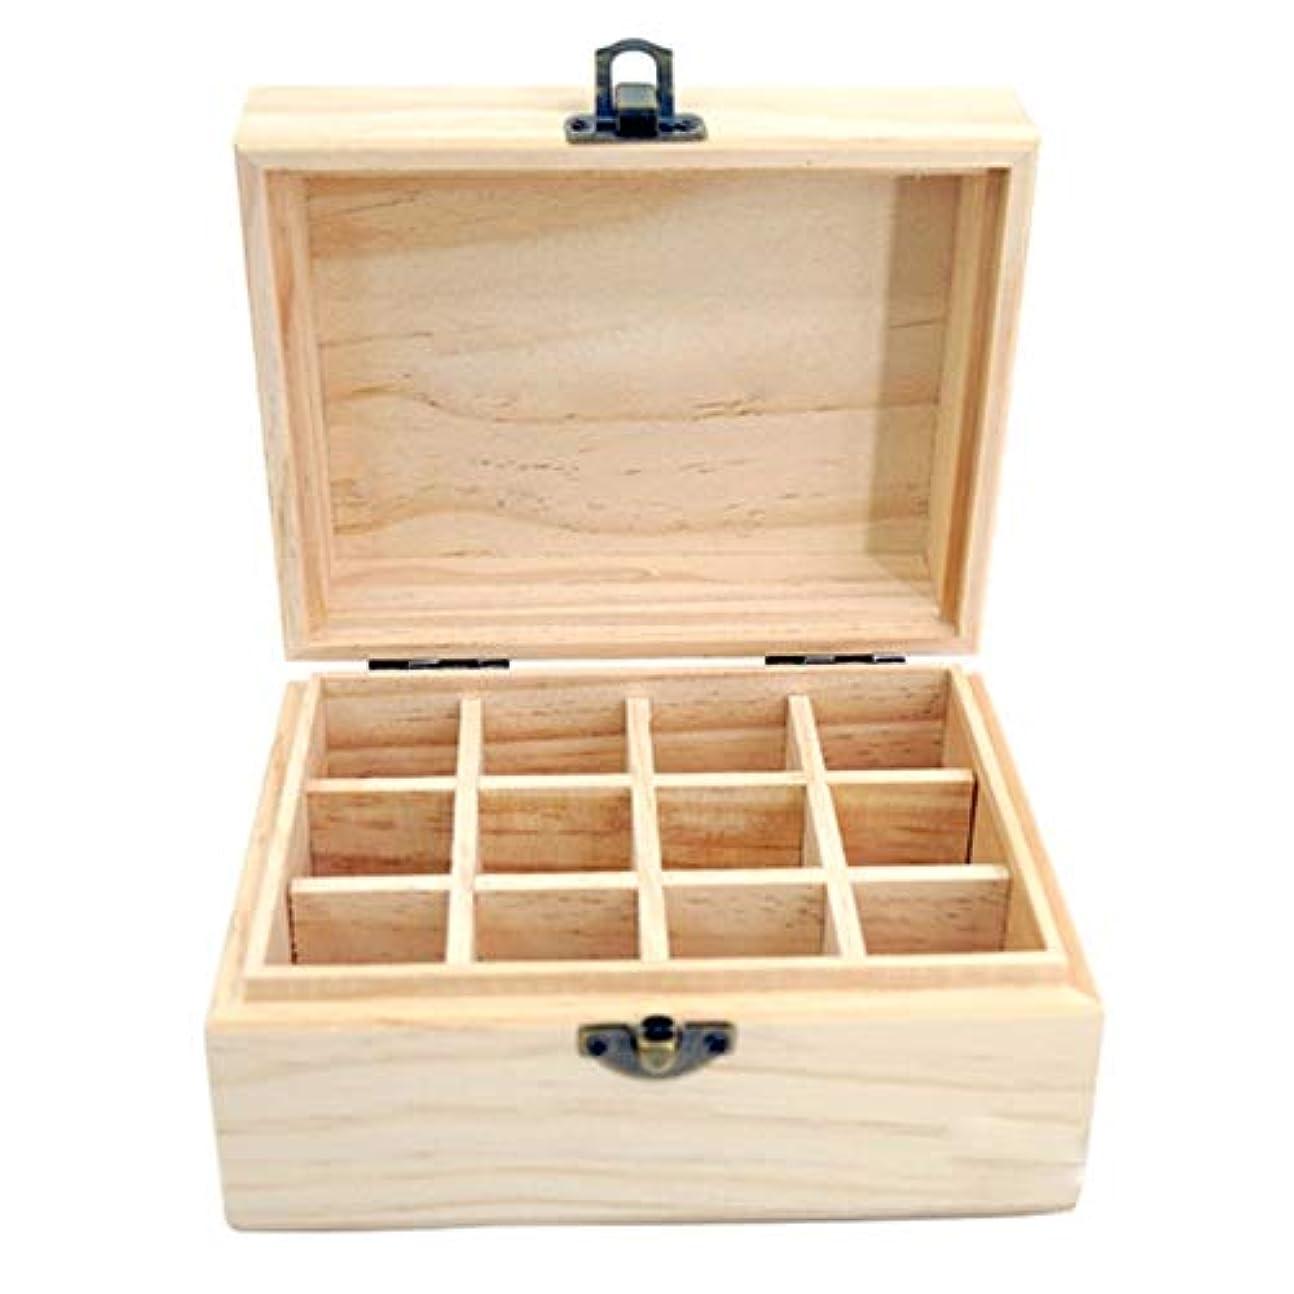 道に迷いました信じられない出発するエッセンシャルオイルストレージボックス 18スロットエッセンシャルオイル木製ボックス収納ケースは、あなたの油安全保護さを保つ保護します 旅行およびプレゼンテーション用 (色 : Natural, サイズ : 15X11.5X8CM)